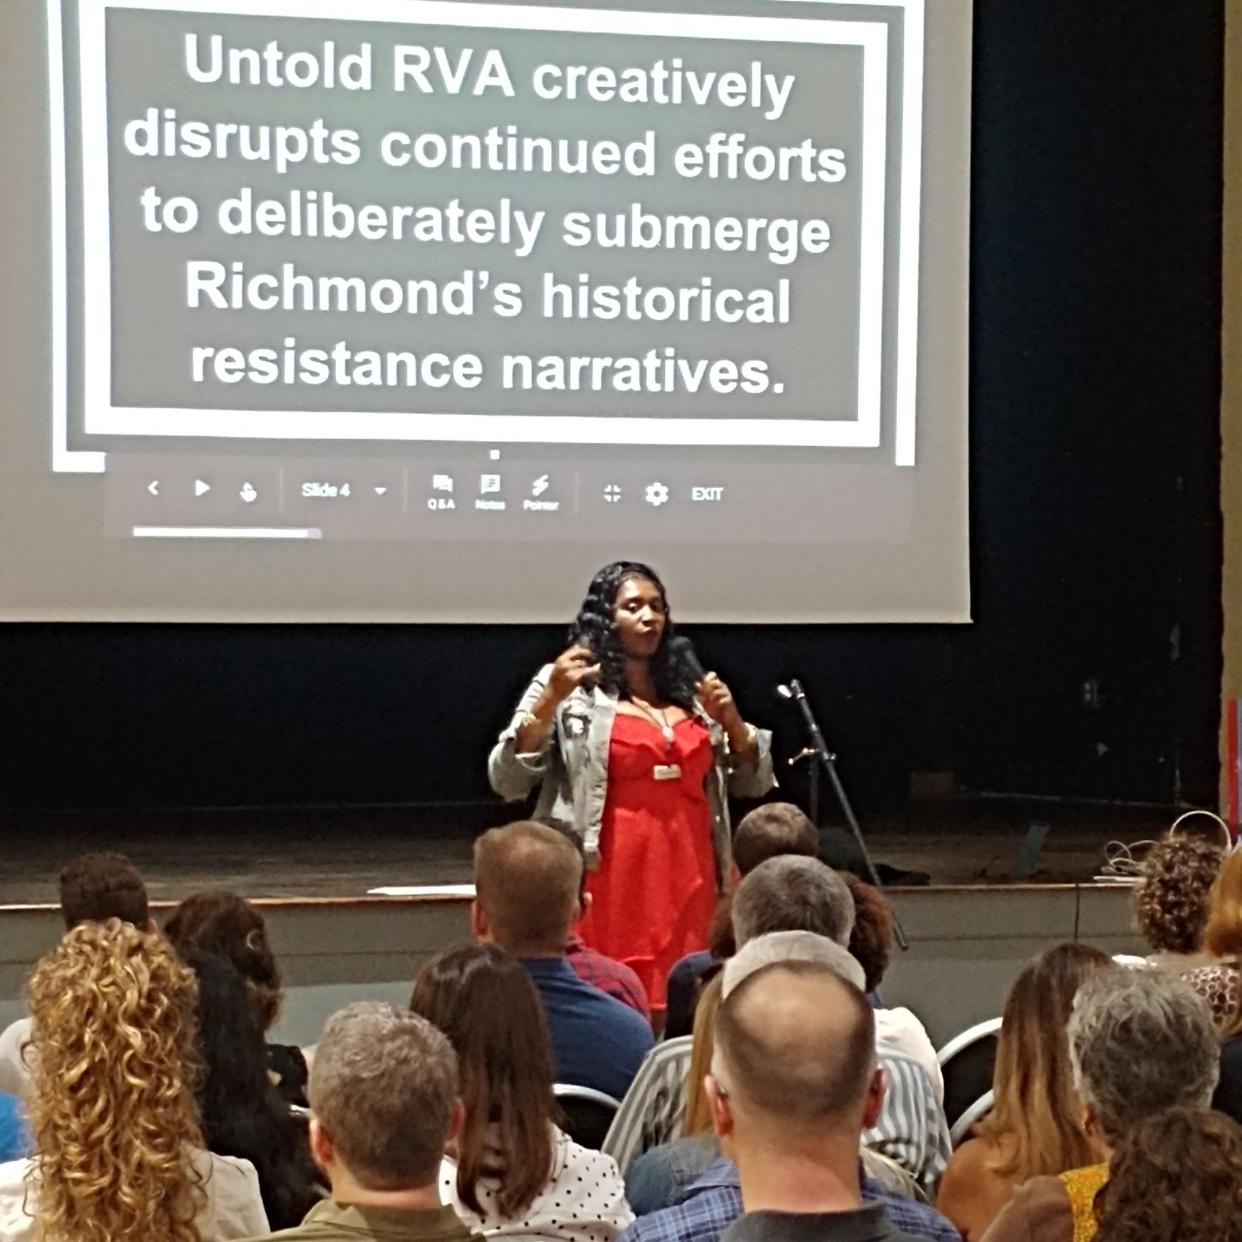 Part 4: STICK + MOVE: Commemorative Justice in Richmond, VA